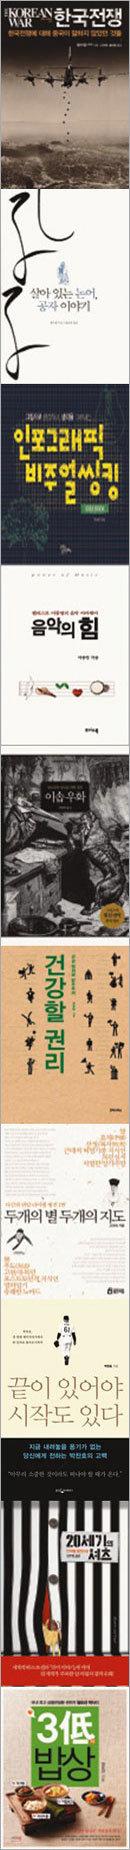 한국전쟁 外